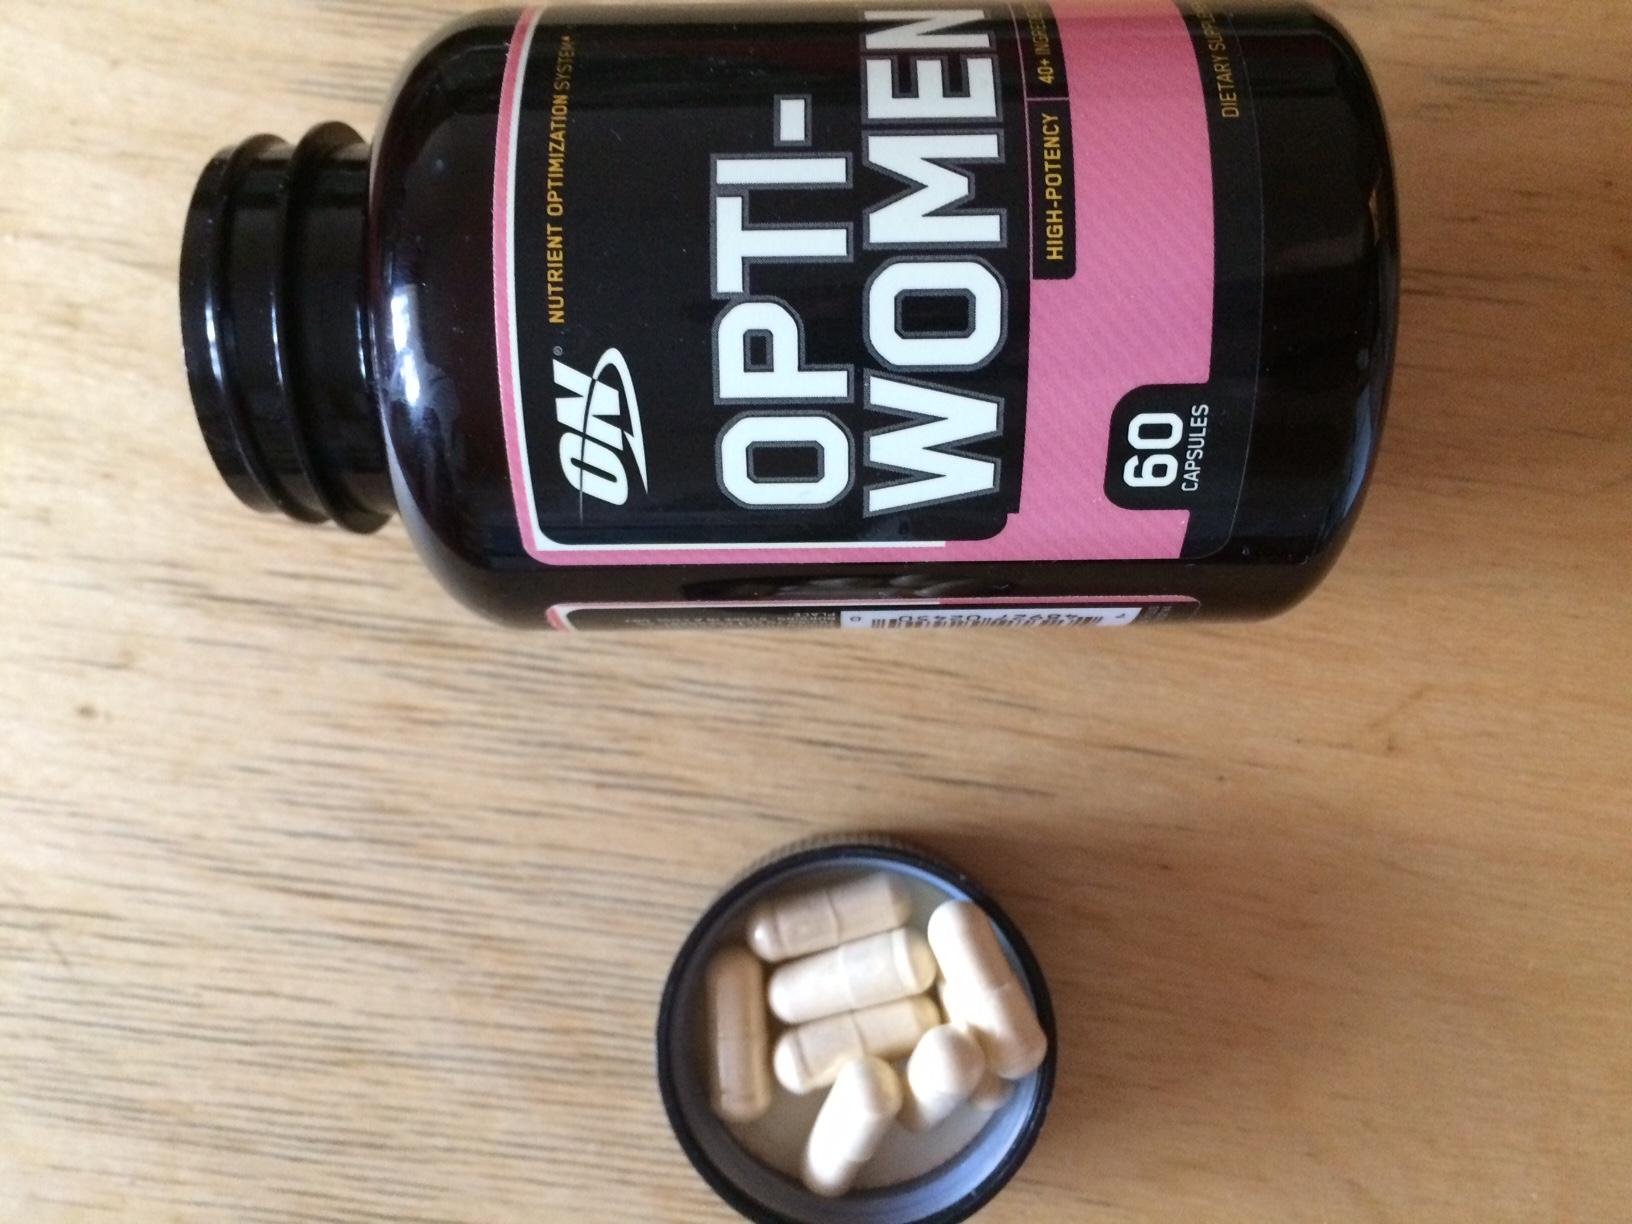 Витамины опти-вумен - рекомендации специалистов, инструкция по применению и состав витаминного комплекса